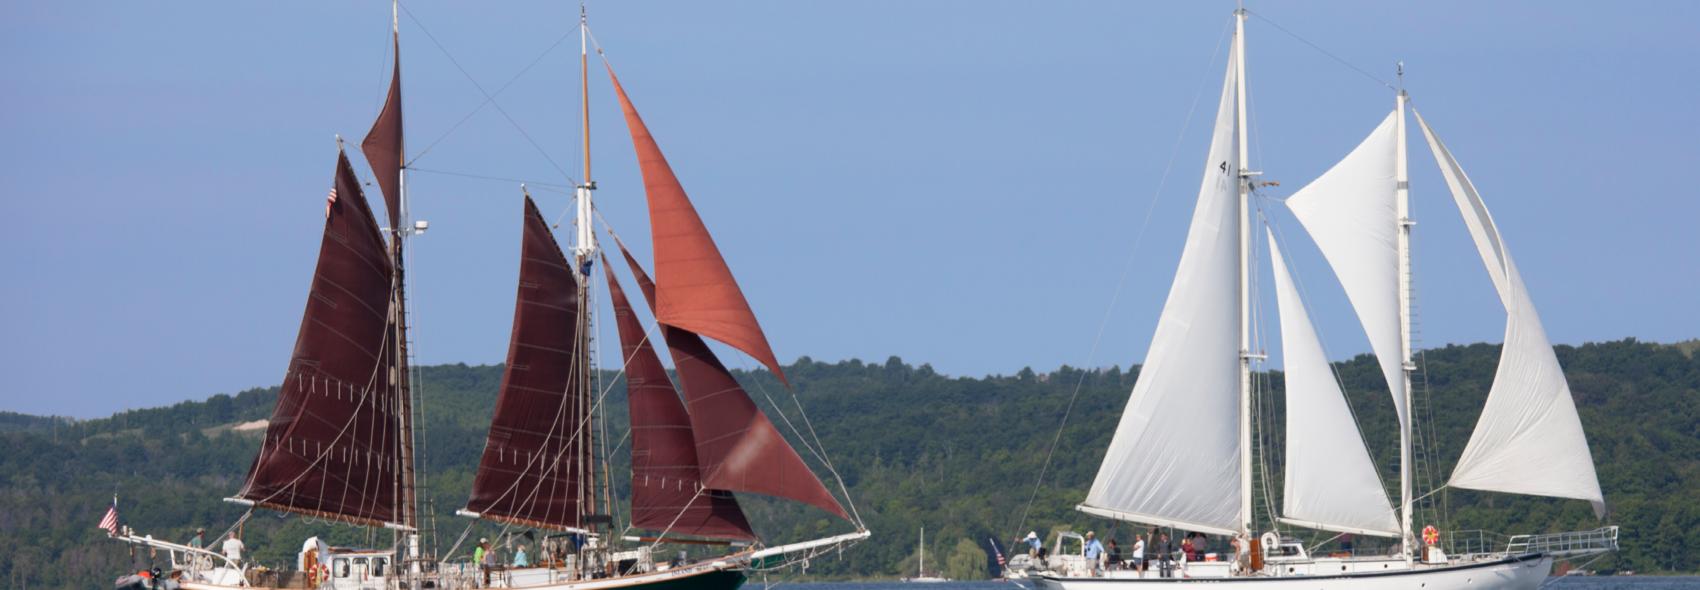 ISEA Ships